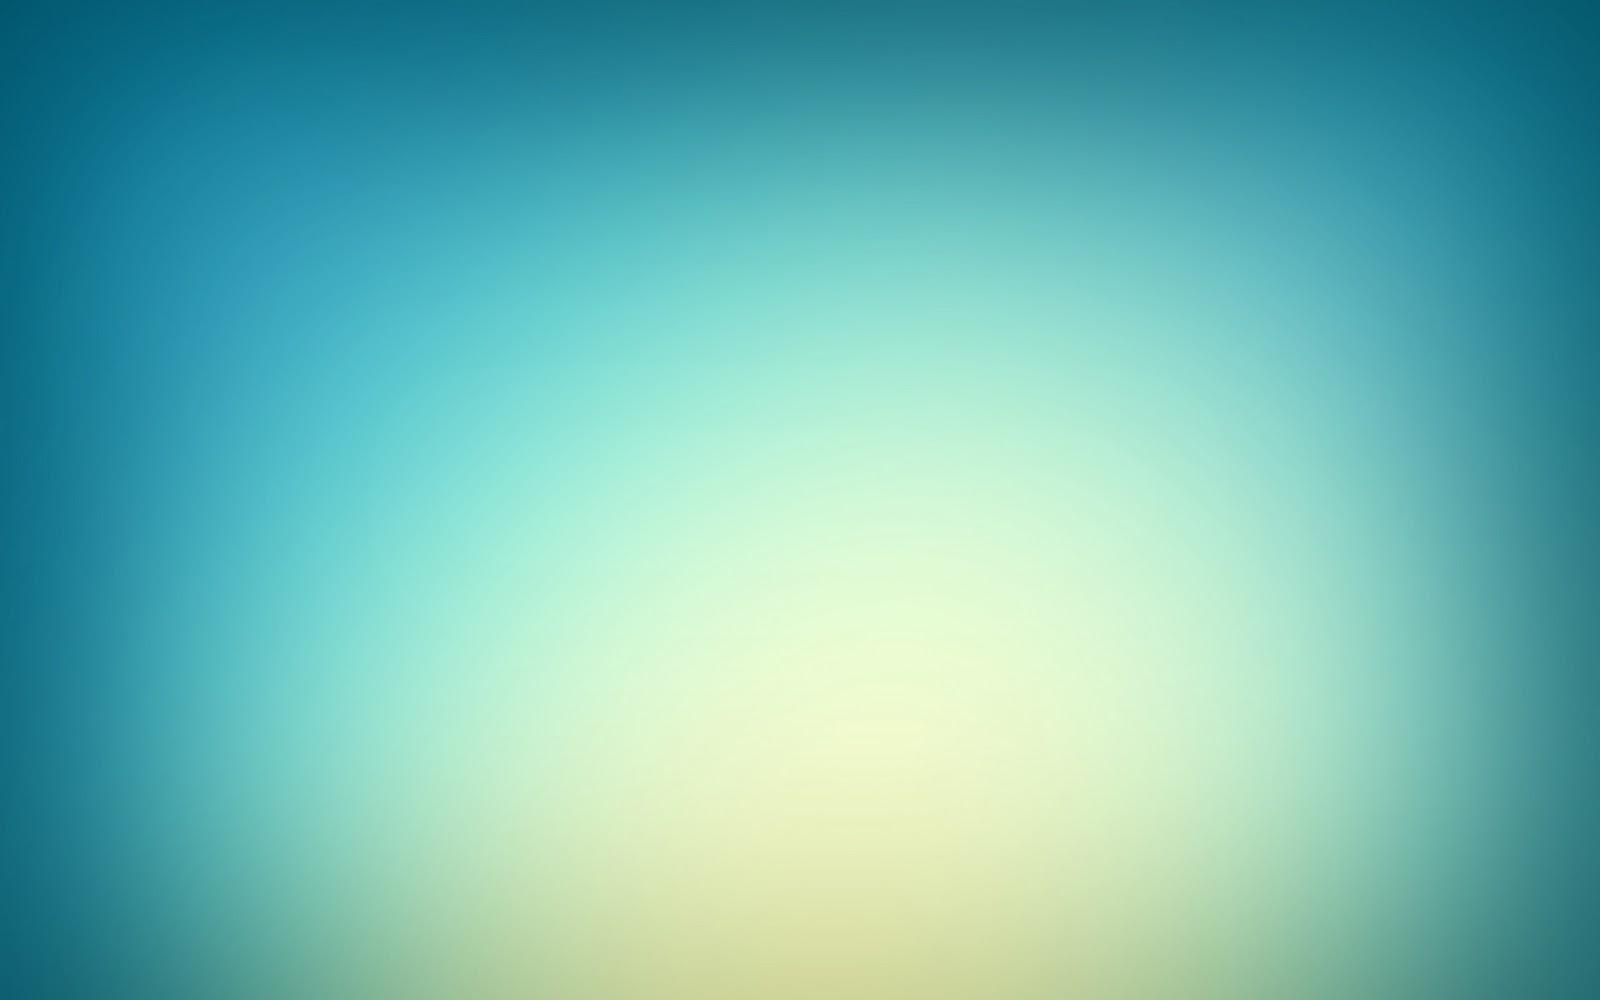 http://1.bp.blogspot.com/-g8SOQkIyNDg/TwTGwGLo9WI/AAAAAAAAA4g/fhnL-uTjQVg/s1600/white-ti-blue-wallpapers.jpg